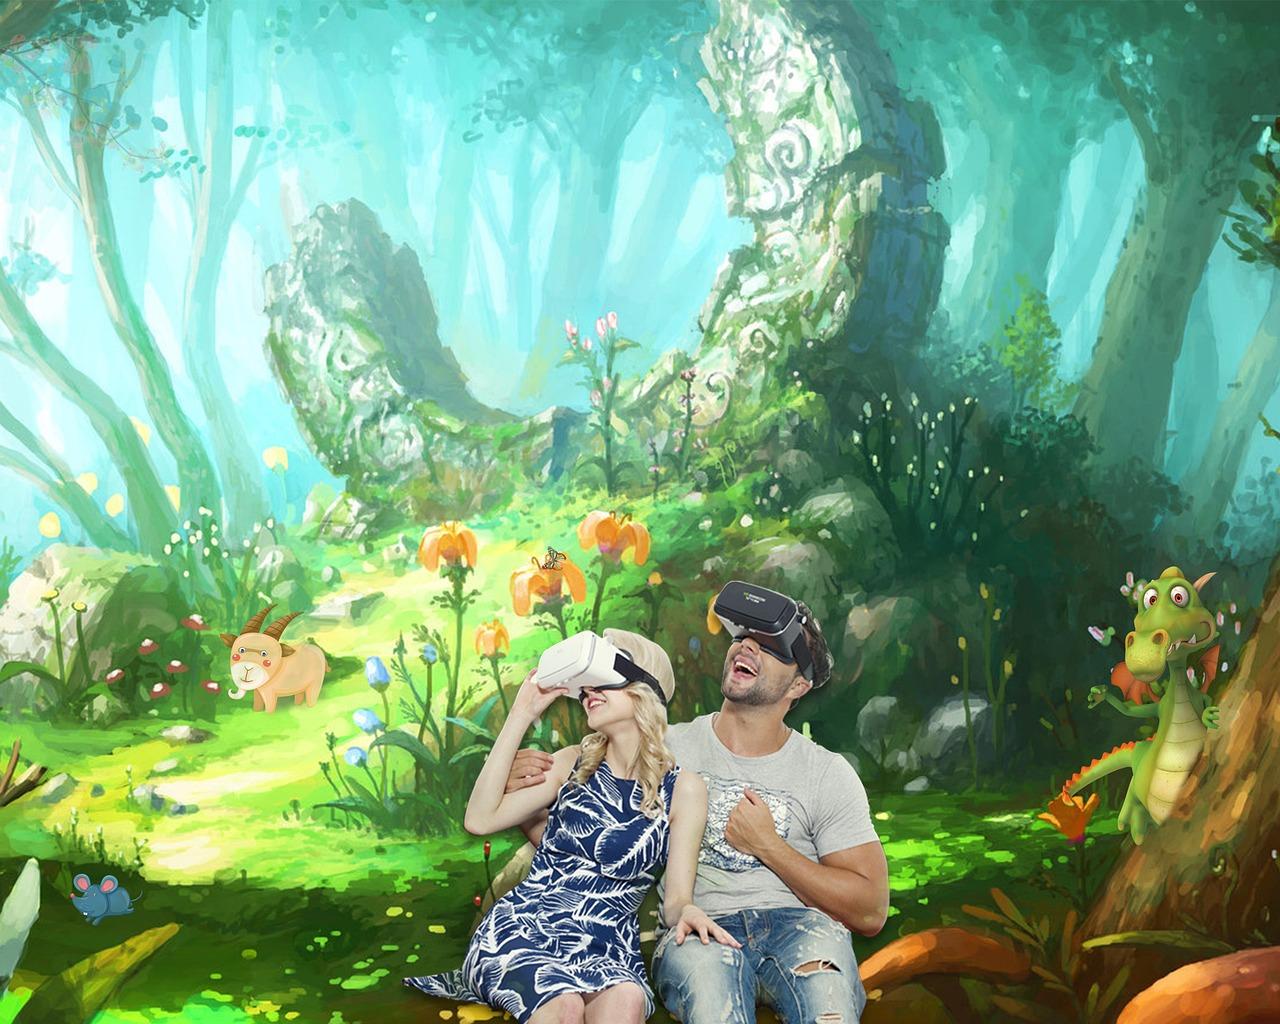 【おすすめPC用VRヘッドマウントディスプレイ】選び方を徹底解説のサムネイル画像